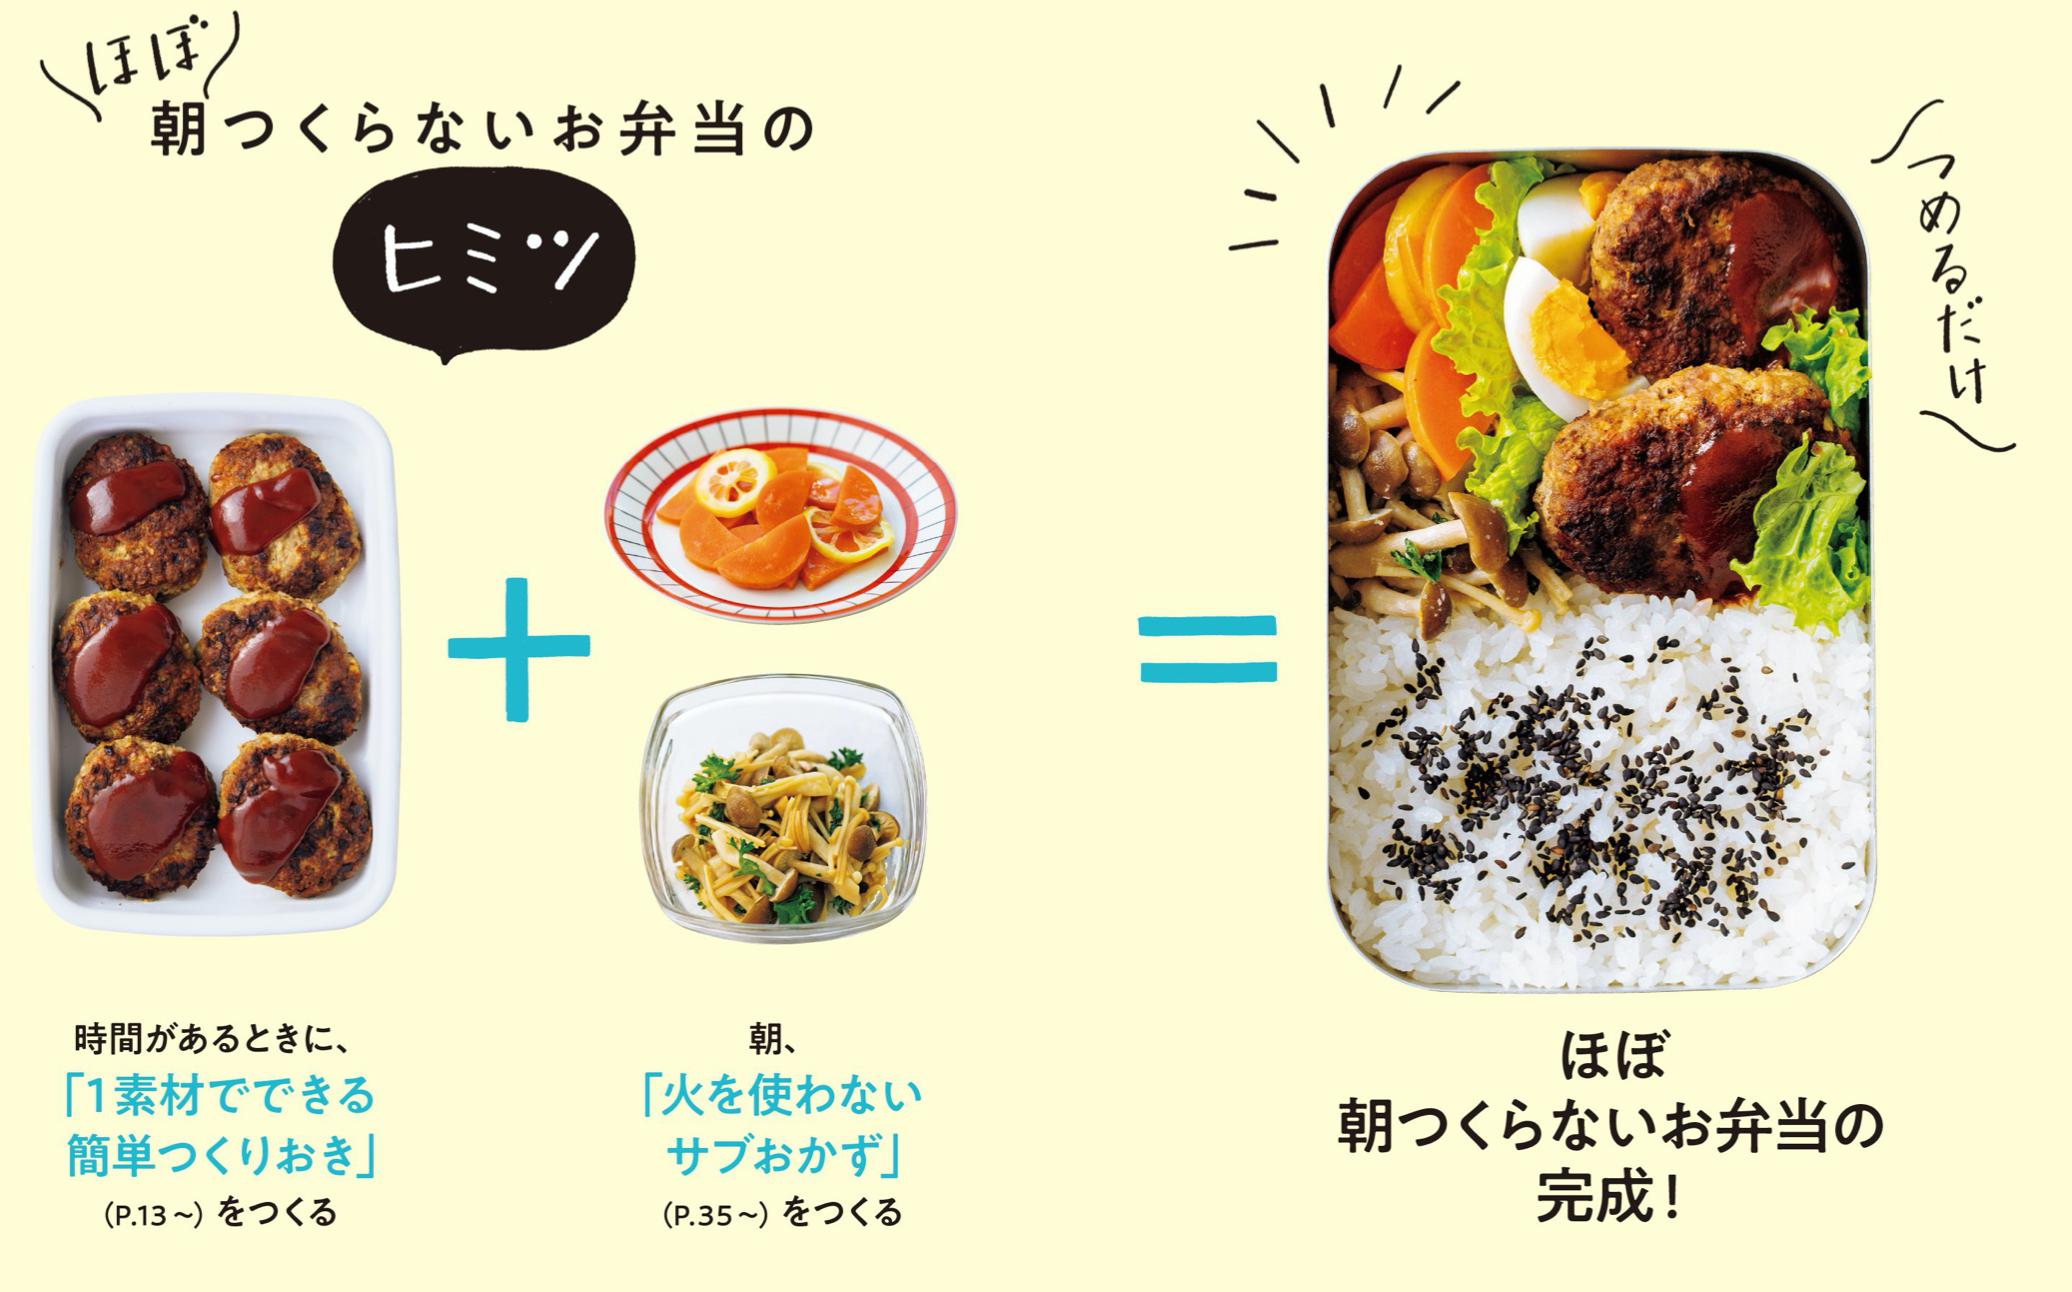 「ほぼ朝作らないお弁当」のヒミツ